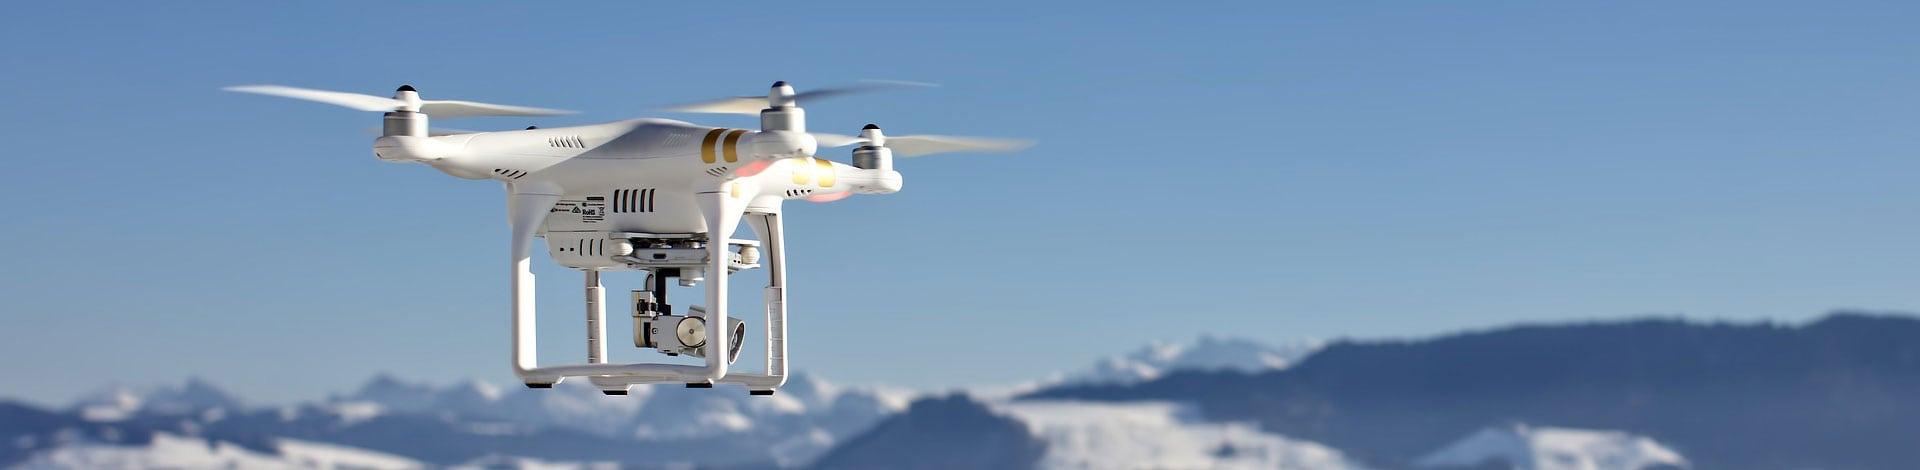 Assicurare droni e multicotteri la mobiliare for Assicurazione mobilia domestica